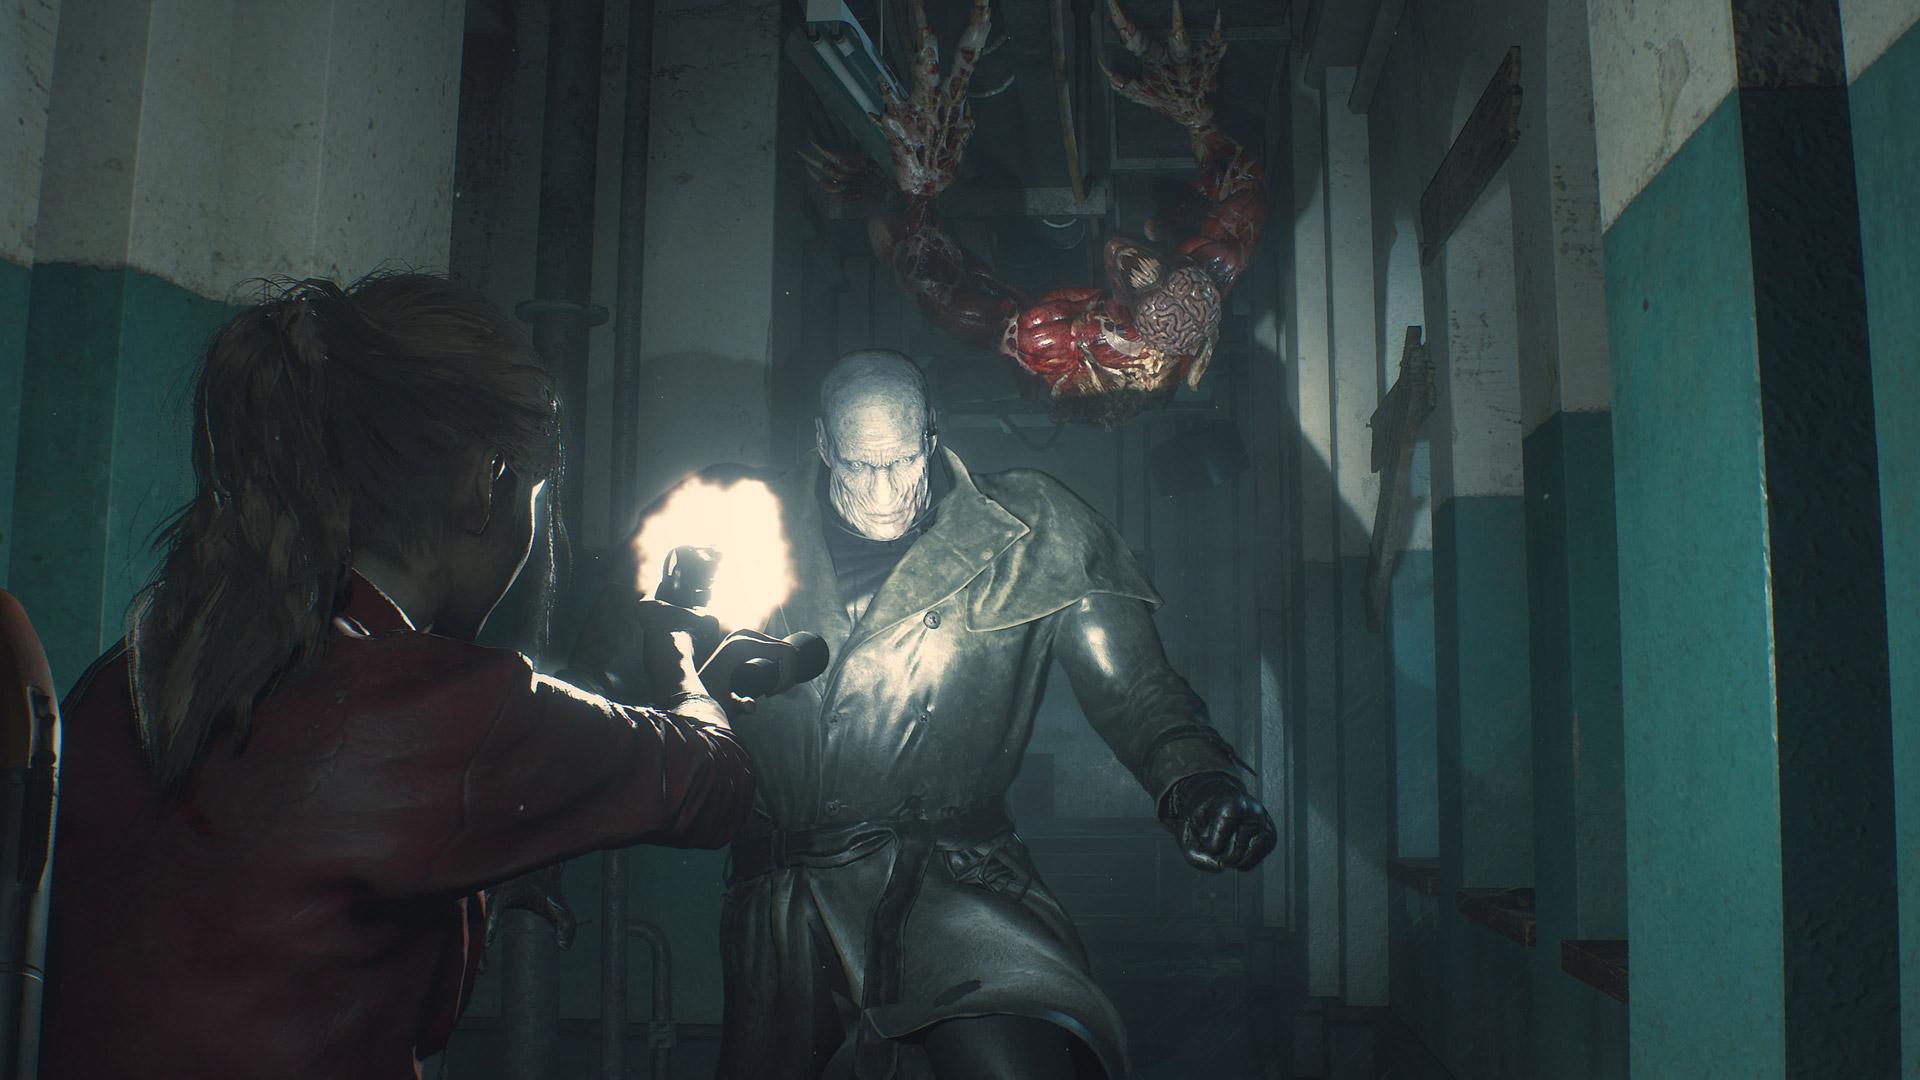 Free Resident Evil 2 Wallpaper in 1920x1080